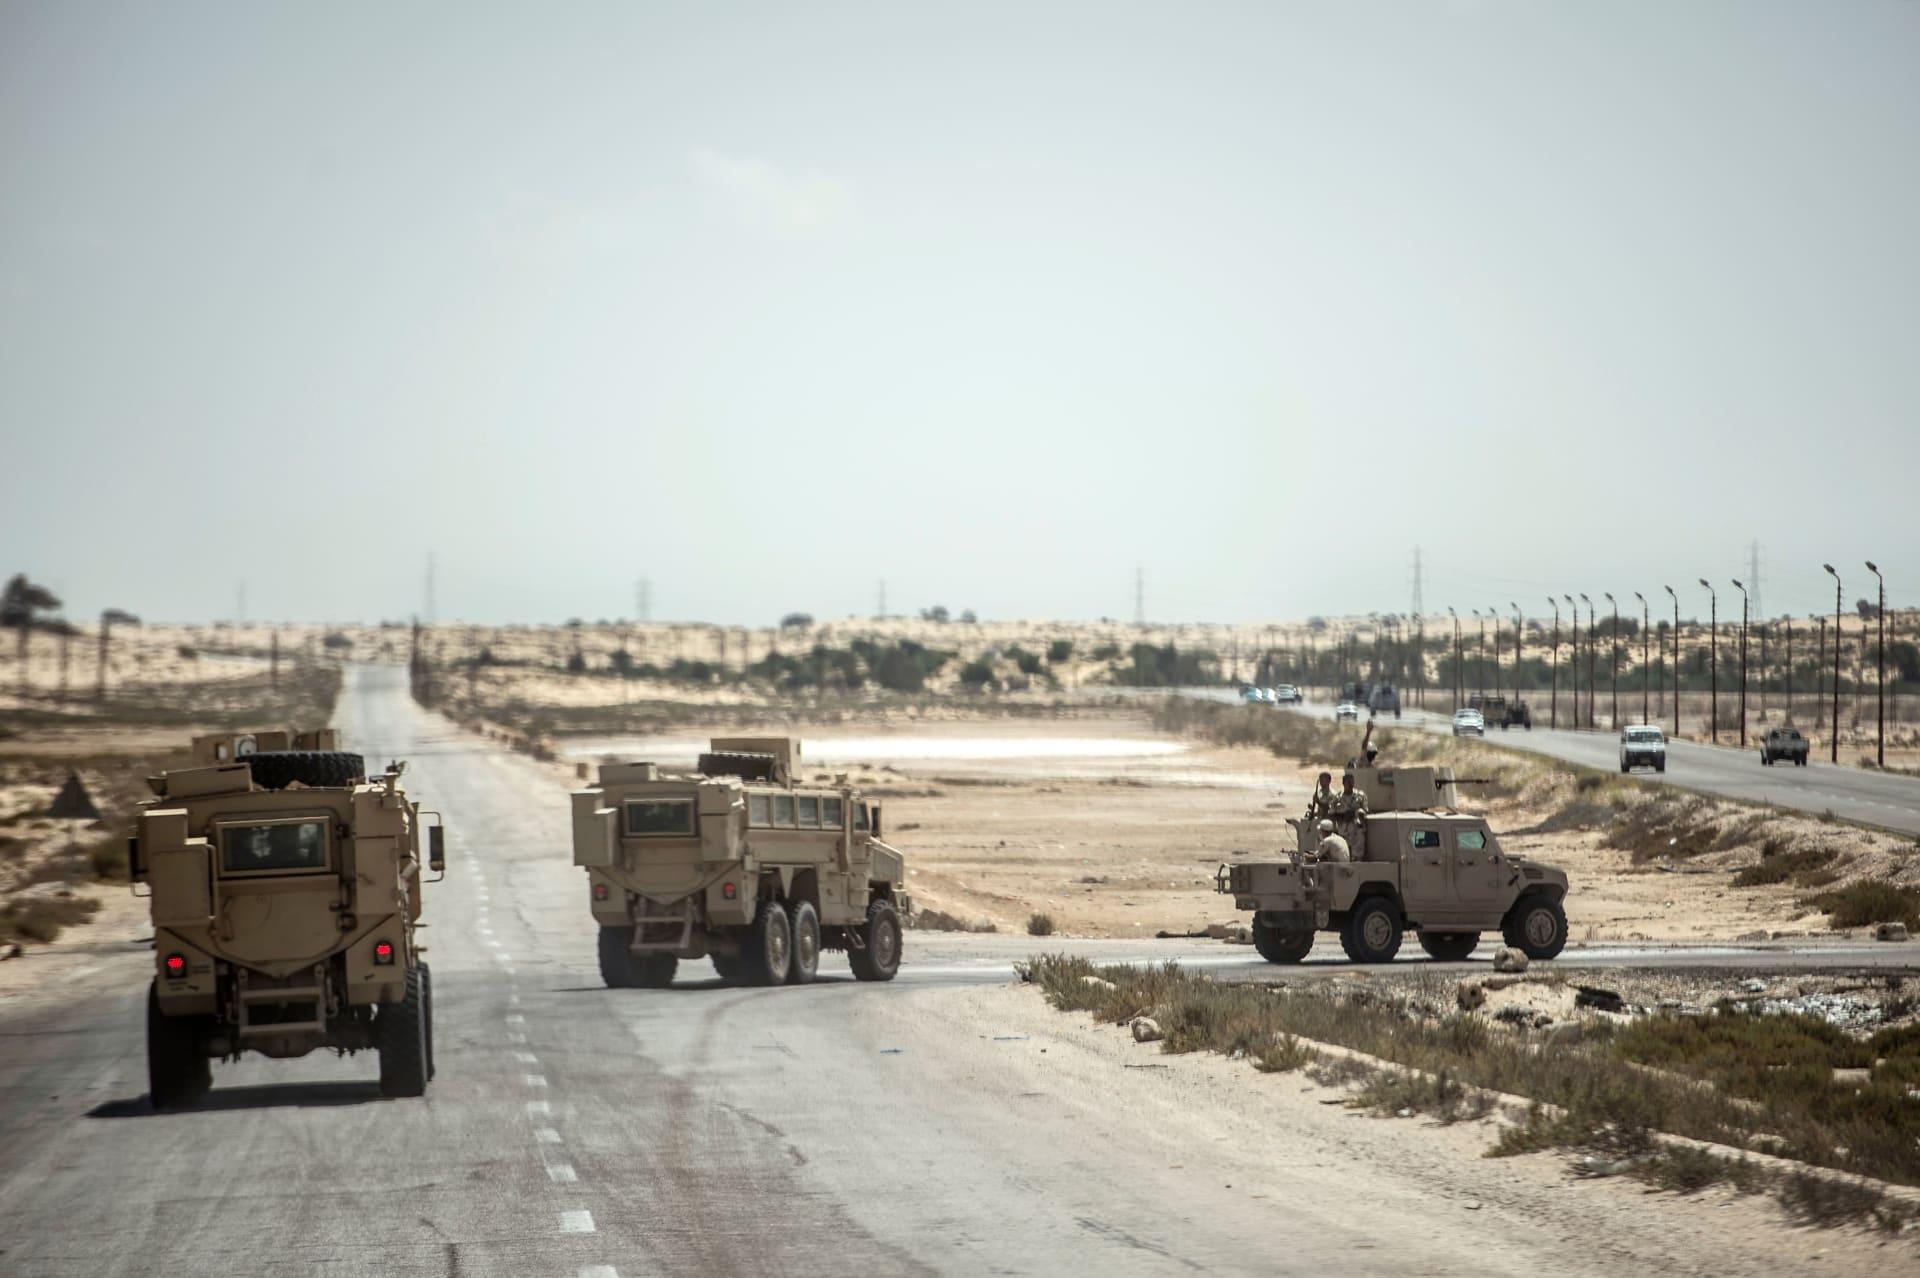 """الجيش المصري: مقتل 89 """"تكفيريًا"""" شديد الخطورة في عمليات بشمال سيناءالجيش المصري: مقتل 89 """"تكفيريًا"""" شديد الخطورة في عمليات بشمال سيناء"""